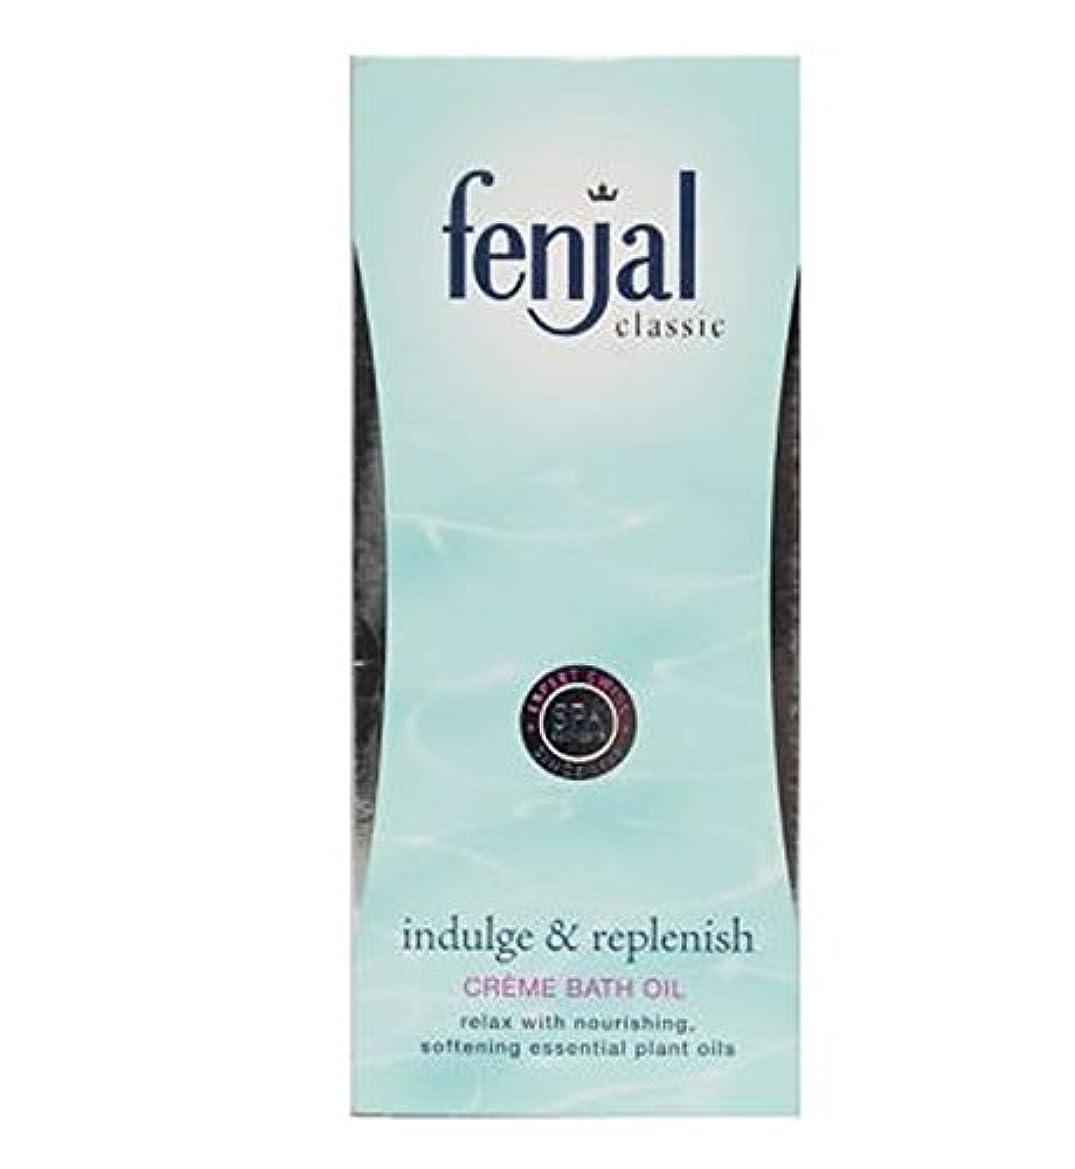 追加消化器蓋Fenjal Classic Luxury Creme Bath Oil 125 ml - Fenjal古典的な高級クリームバスオイル125ミリリットル (Fenjal) [並行輸入品]